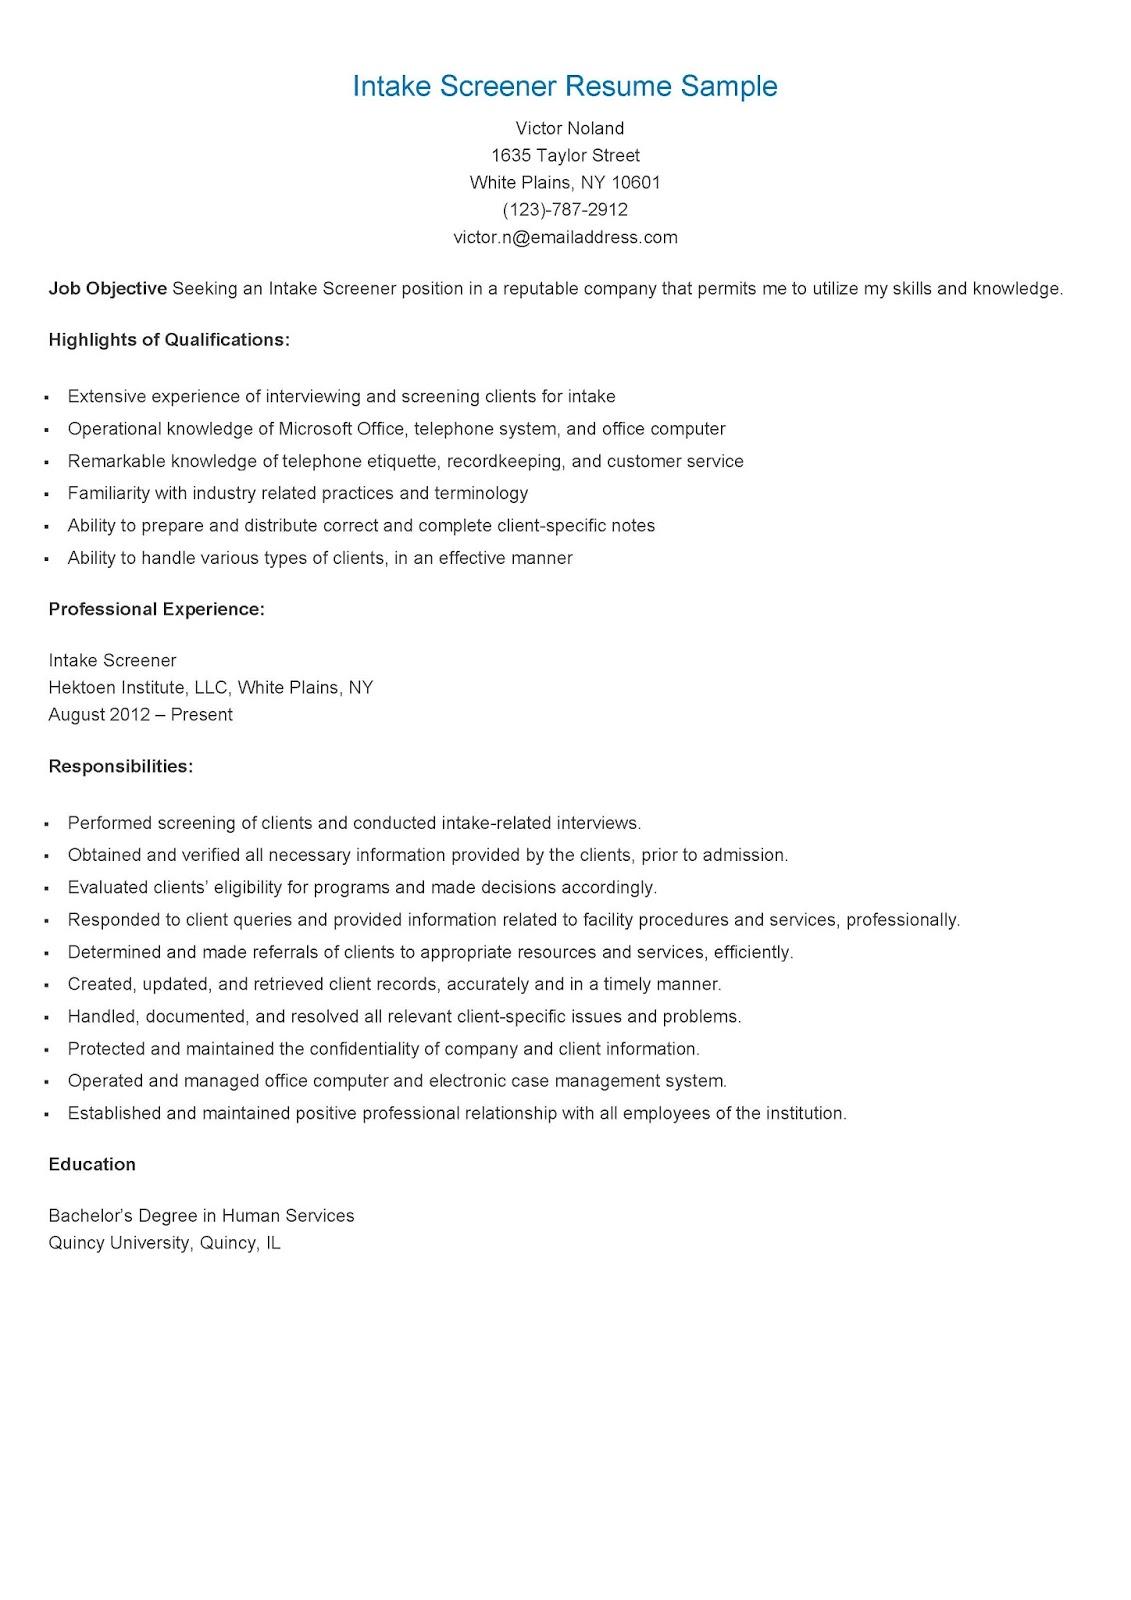 Intake worker resume